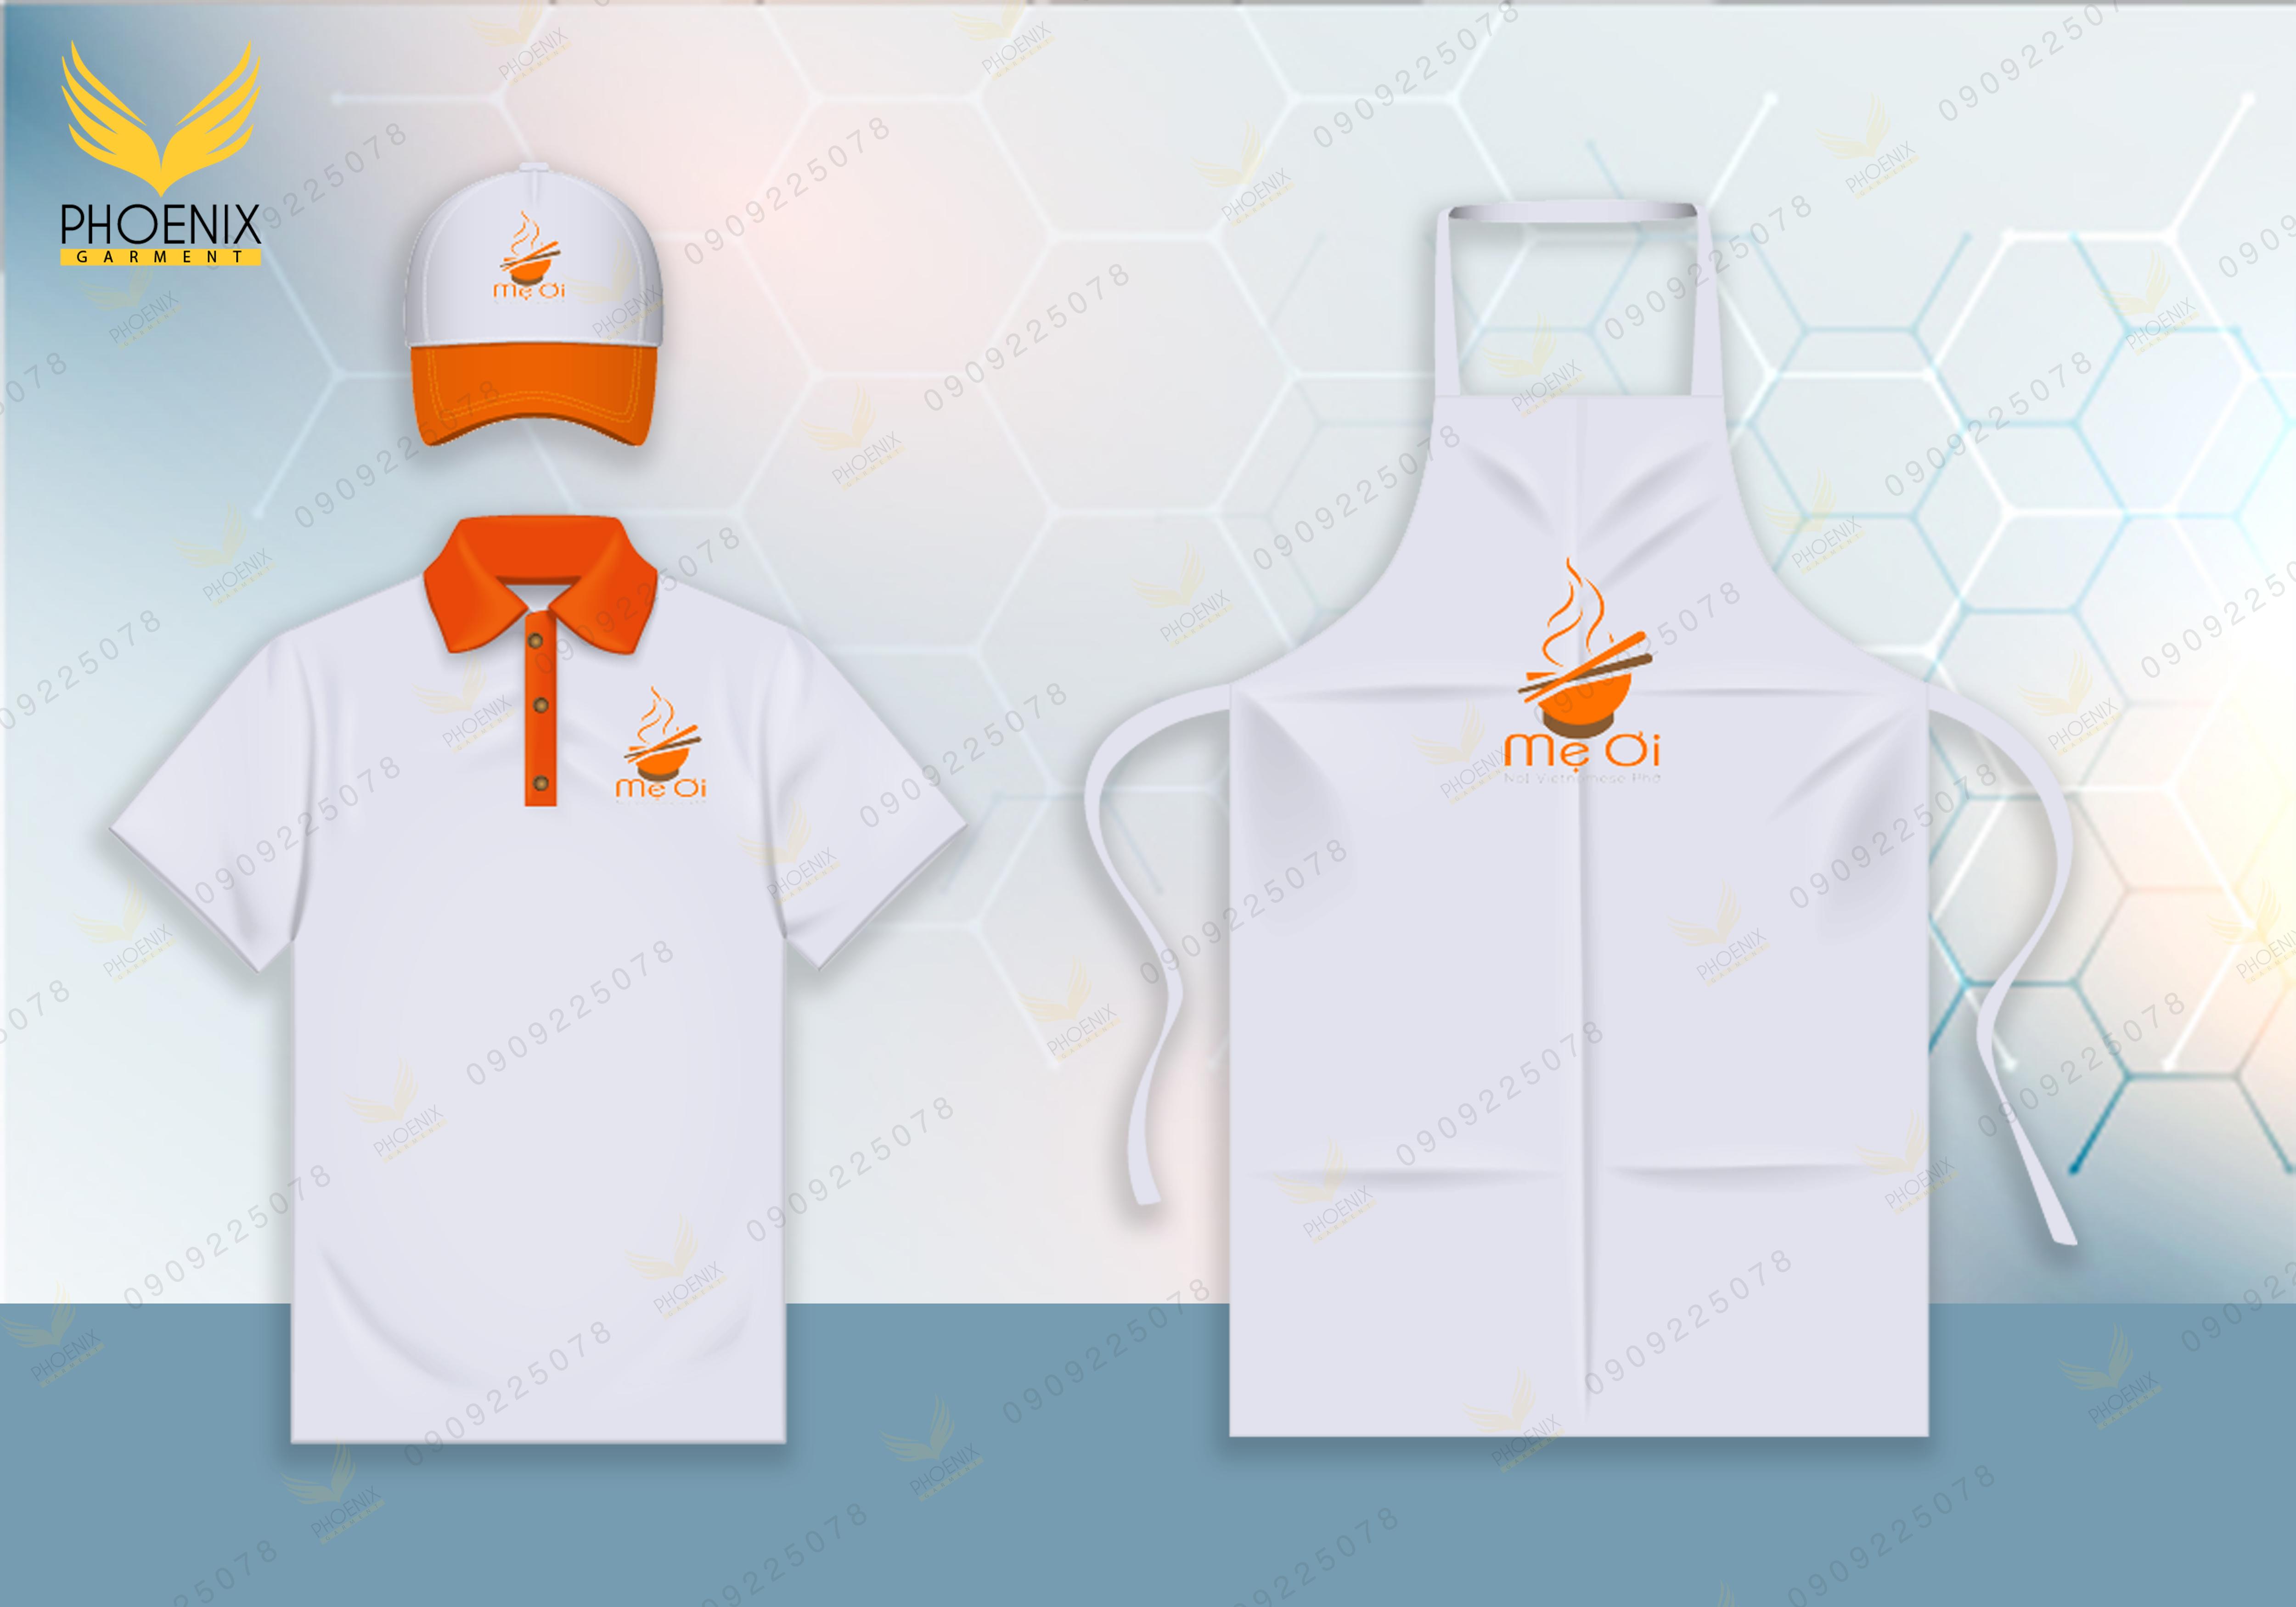 bọ đồng phục nhà hàng - phoenix garment